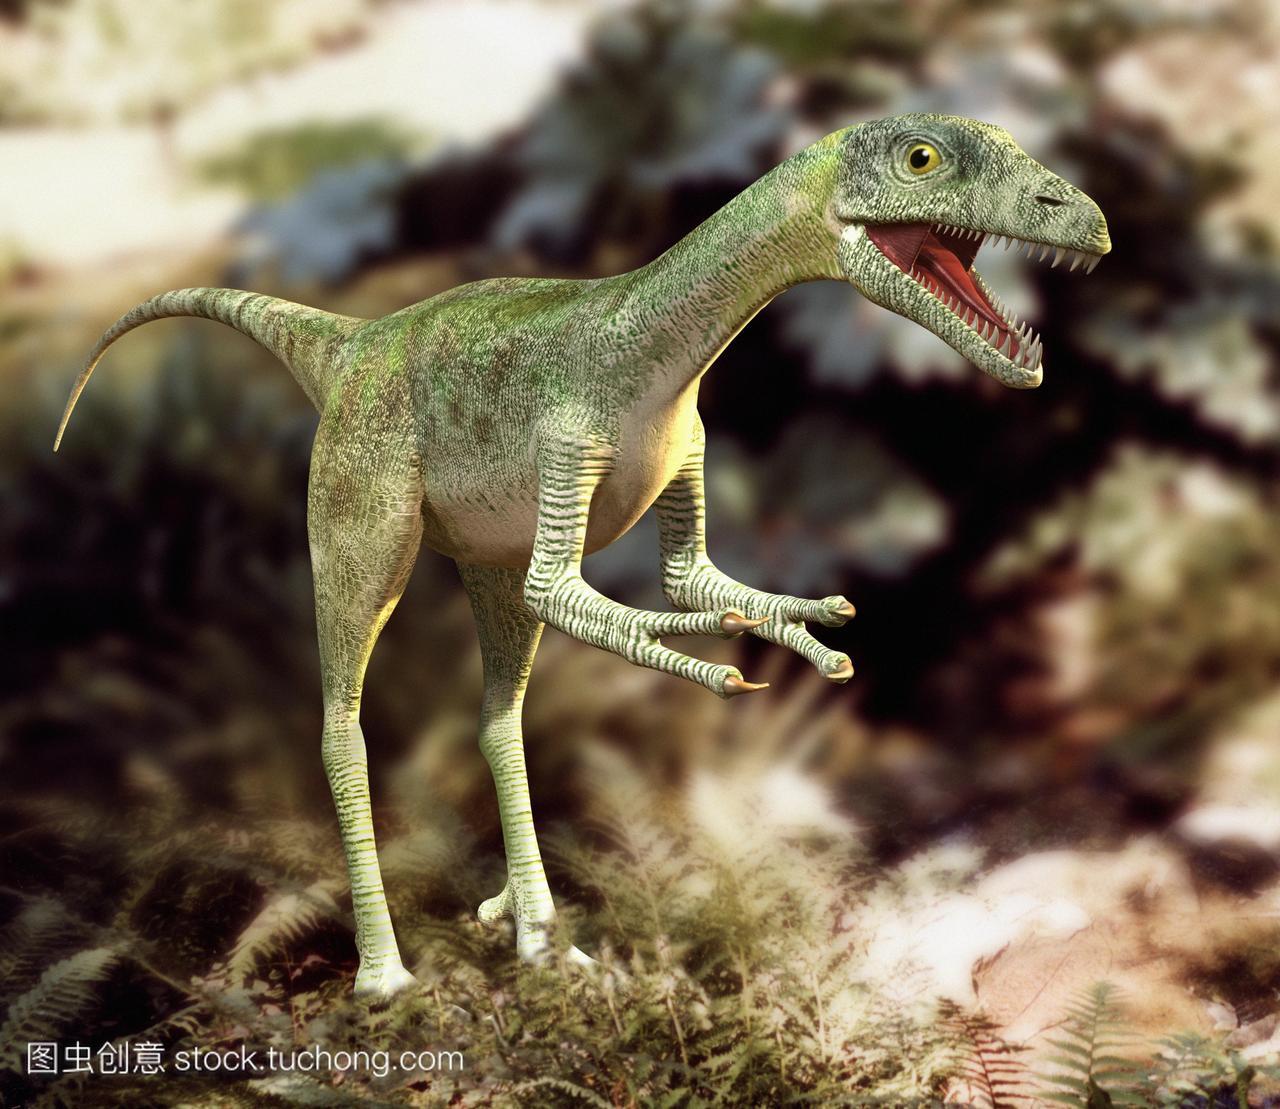 图两足恐龙秀颌龙sp。这是关于鸡的大小和生